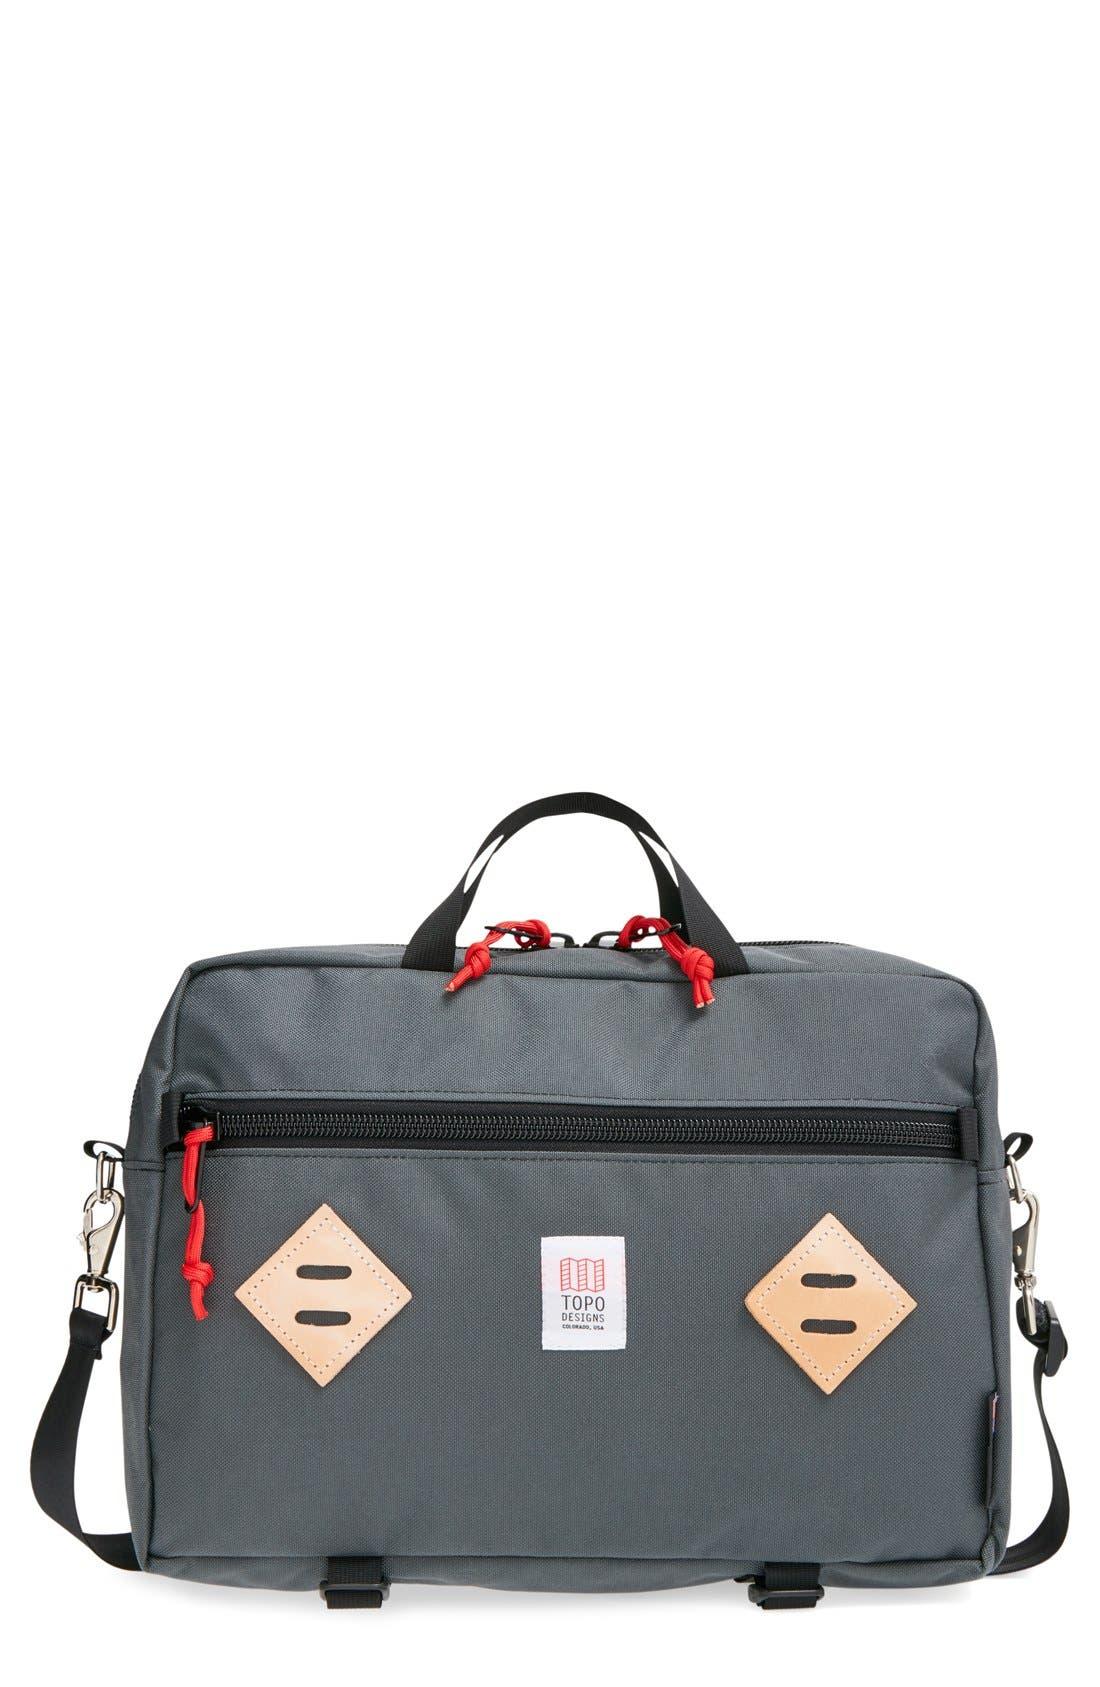 Main Image - Topo Designs 'Mountain' Briefcase